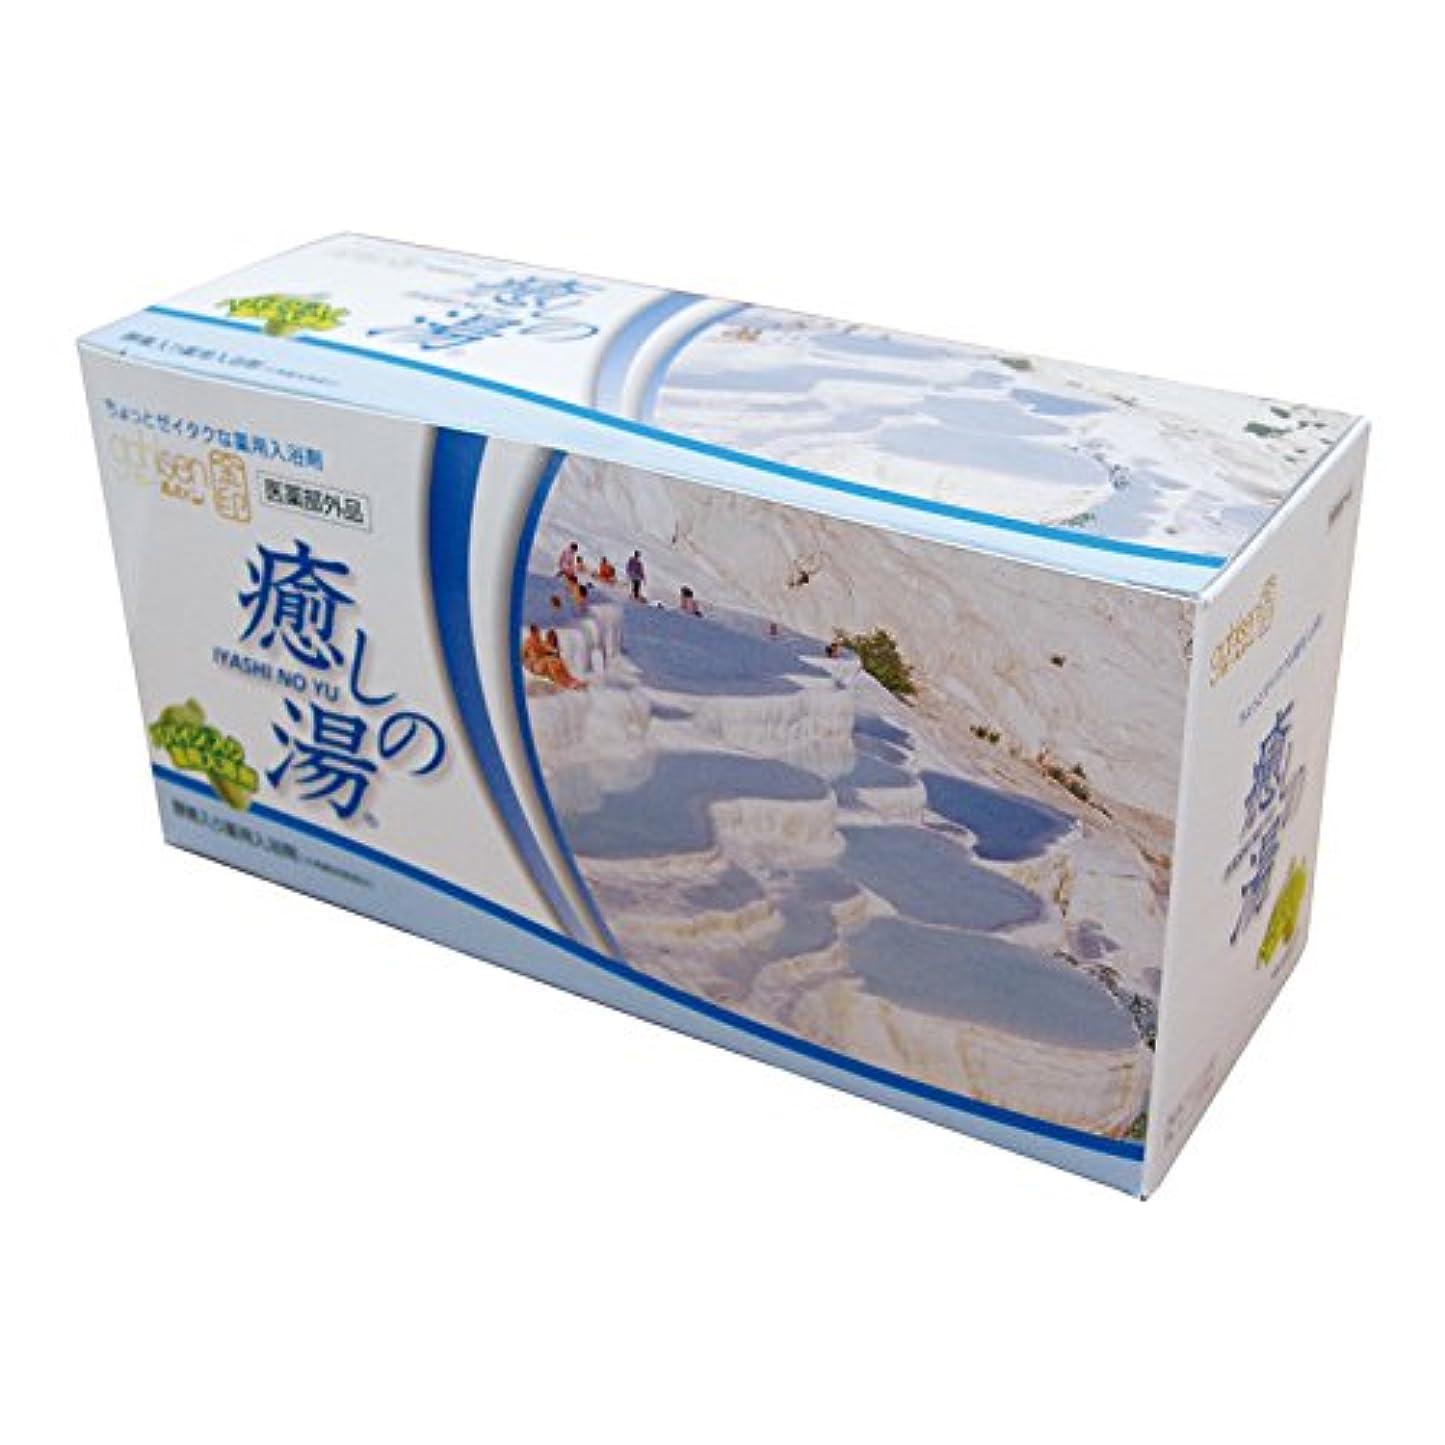 慈悲深いうん中級Bath Terminal 【入浴剤】ガールセン 癒しの湯 金印 30包入【日本生化学正規代理店】